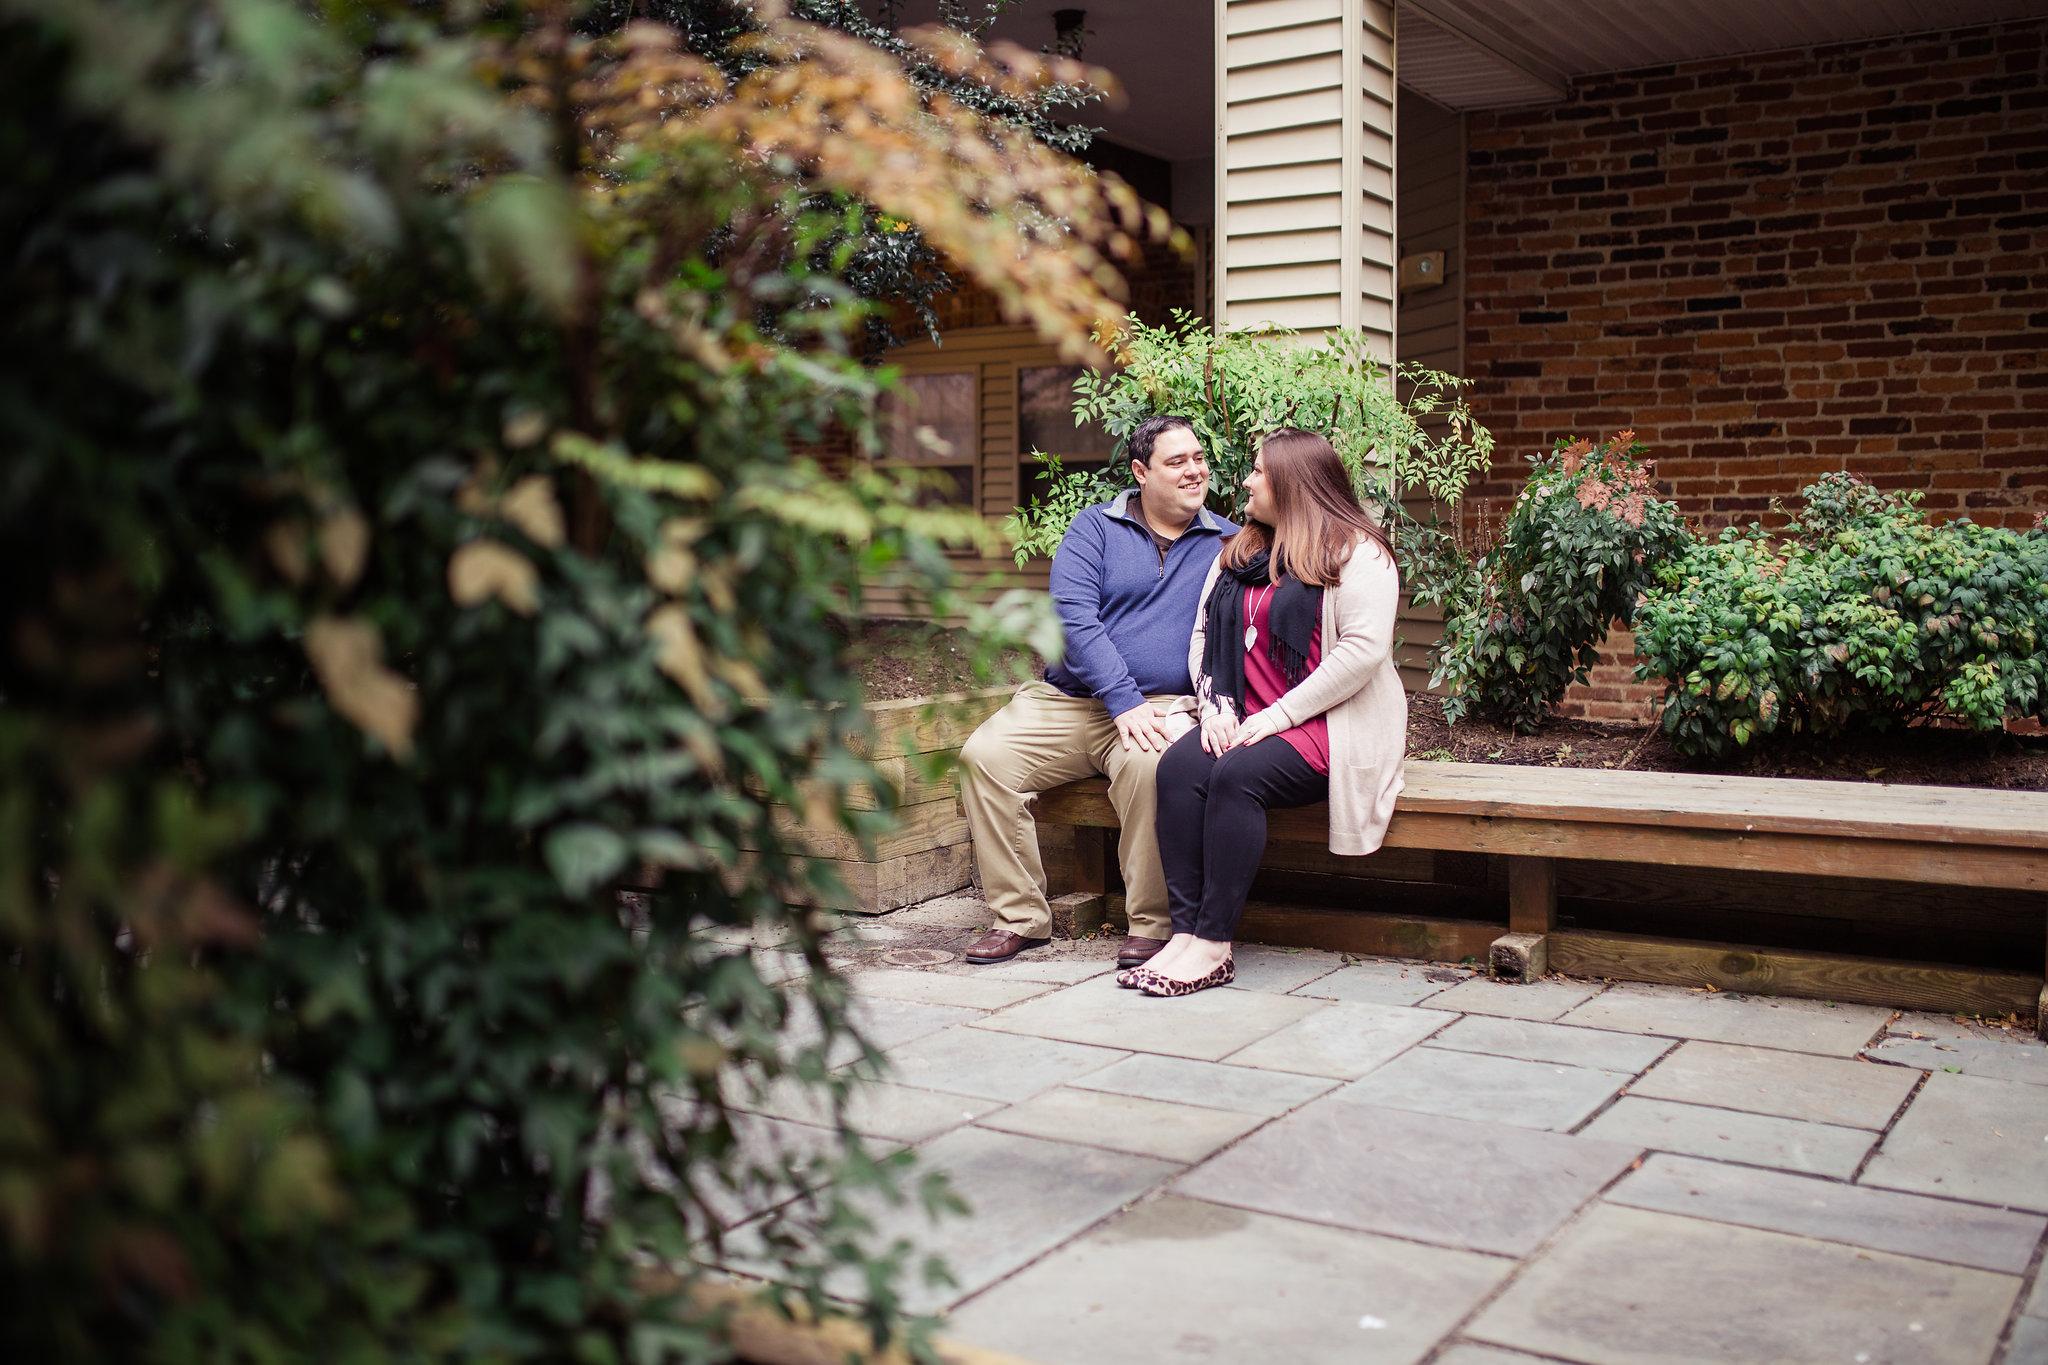 Romantic Downtown Engagement Photo